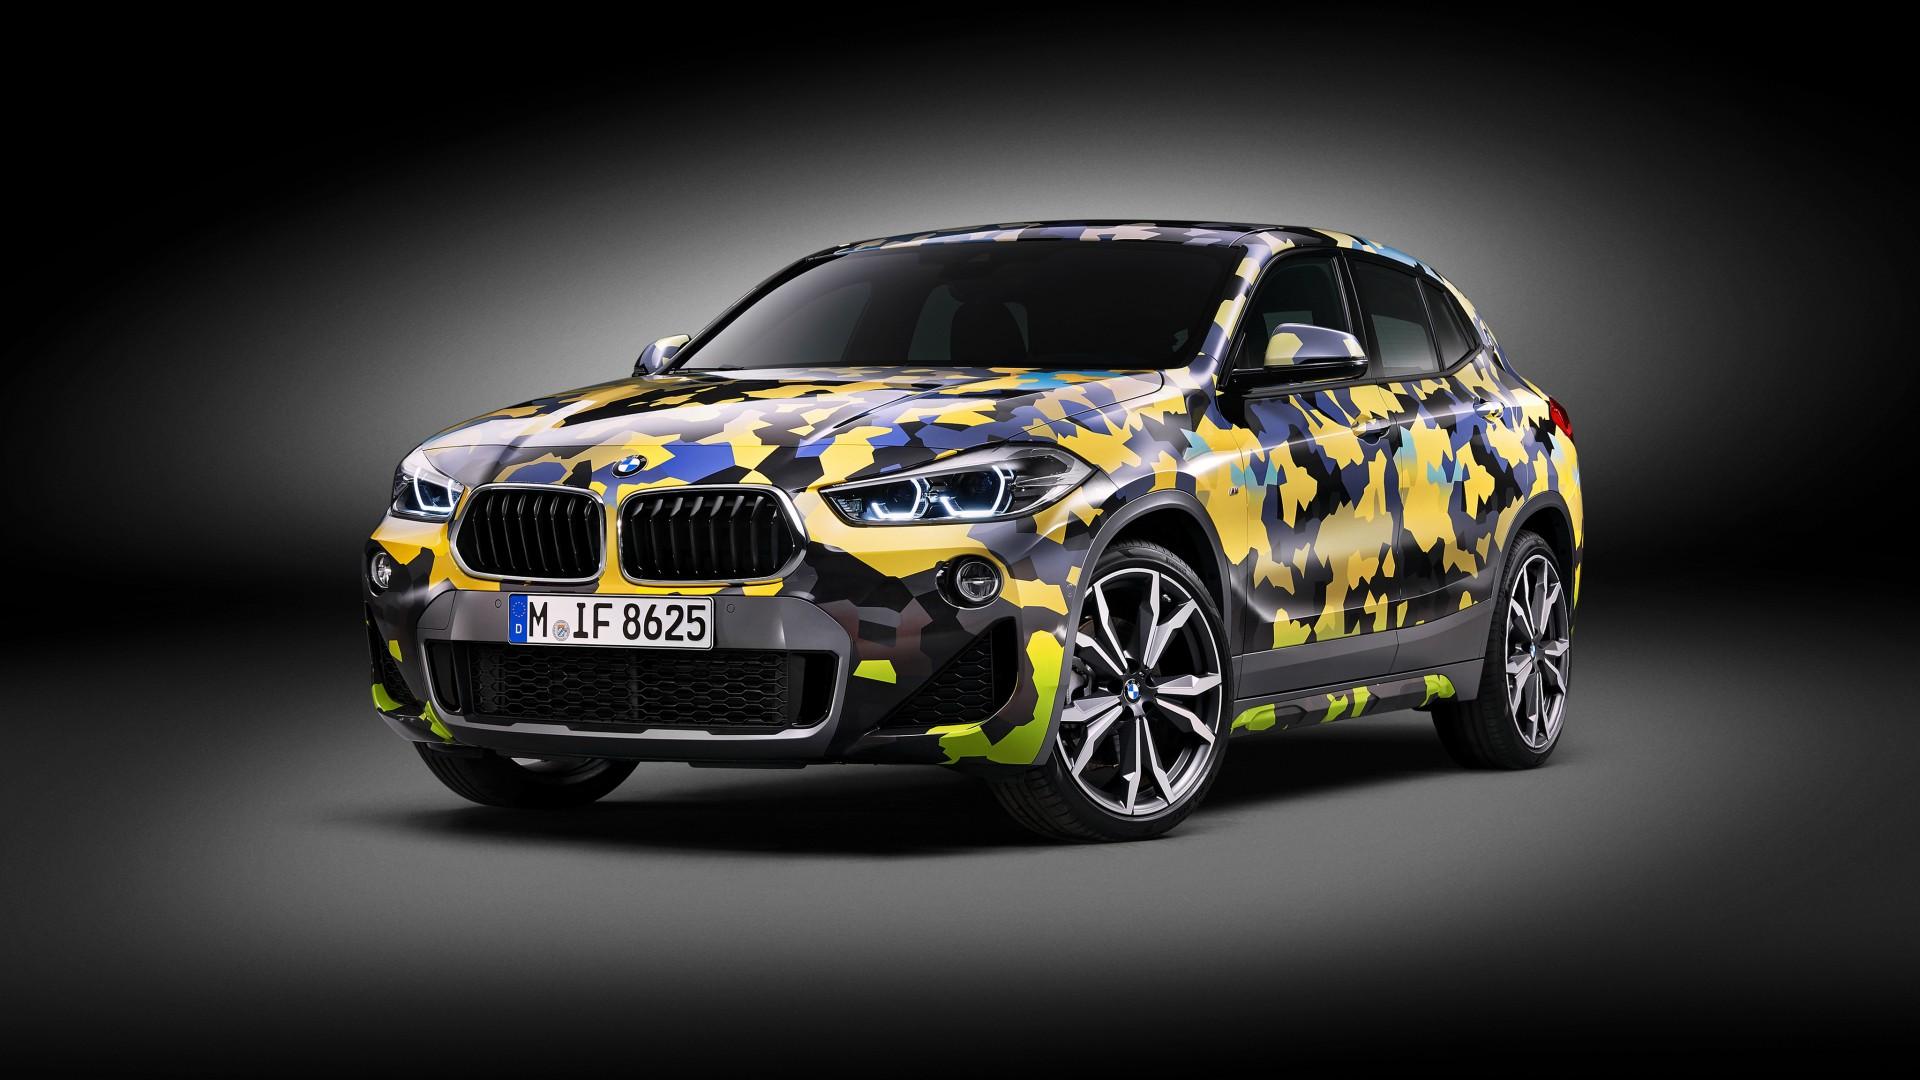 2018 Bmw X2 Digital Camo Concept 4k Wallpaper Hd Car